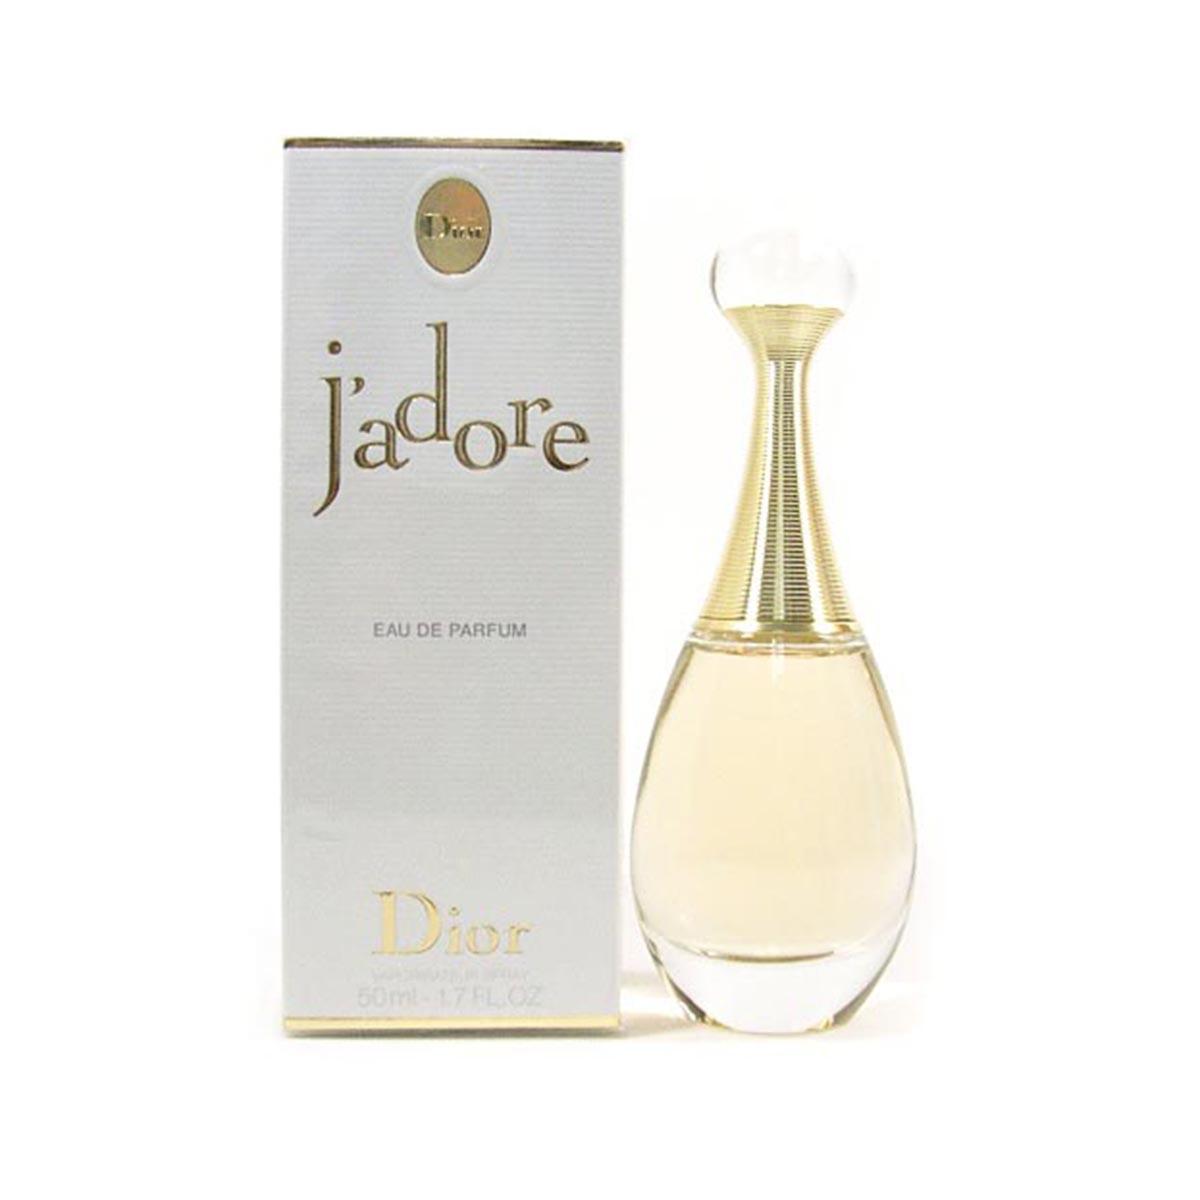 Dior j adore eau de parfum 50ml vaporizador